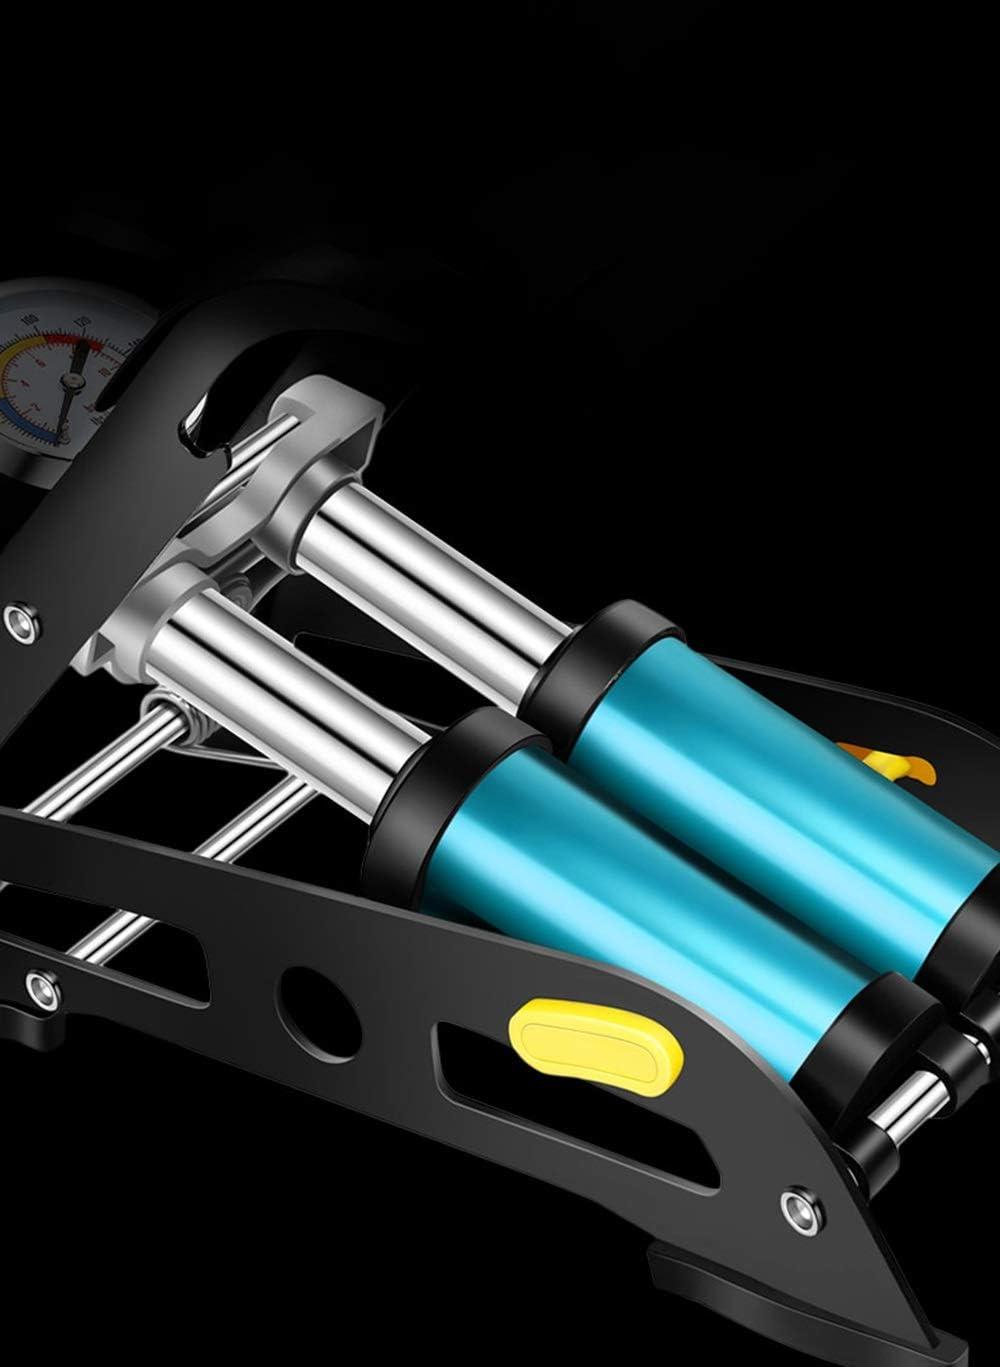 Color : Blue CVXCVCBCG Pompe /À Air De Voiture Pompes pour Auto Double Cylindre avec Manom/ètre De Pr/écision pour Voiture Pneu De V/élo Pneu De Moto Pneu